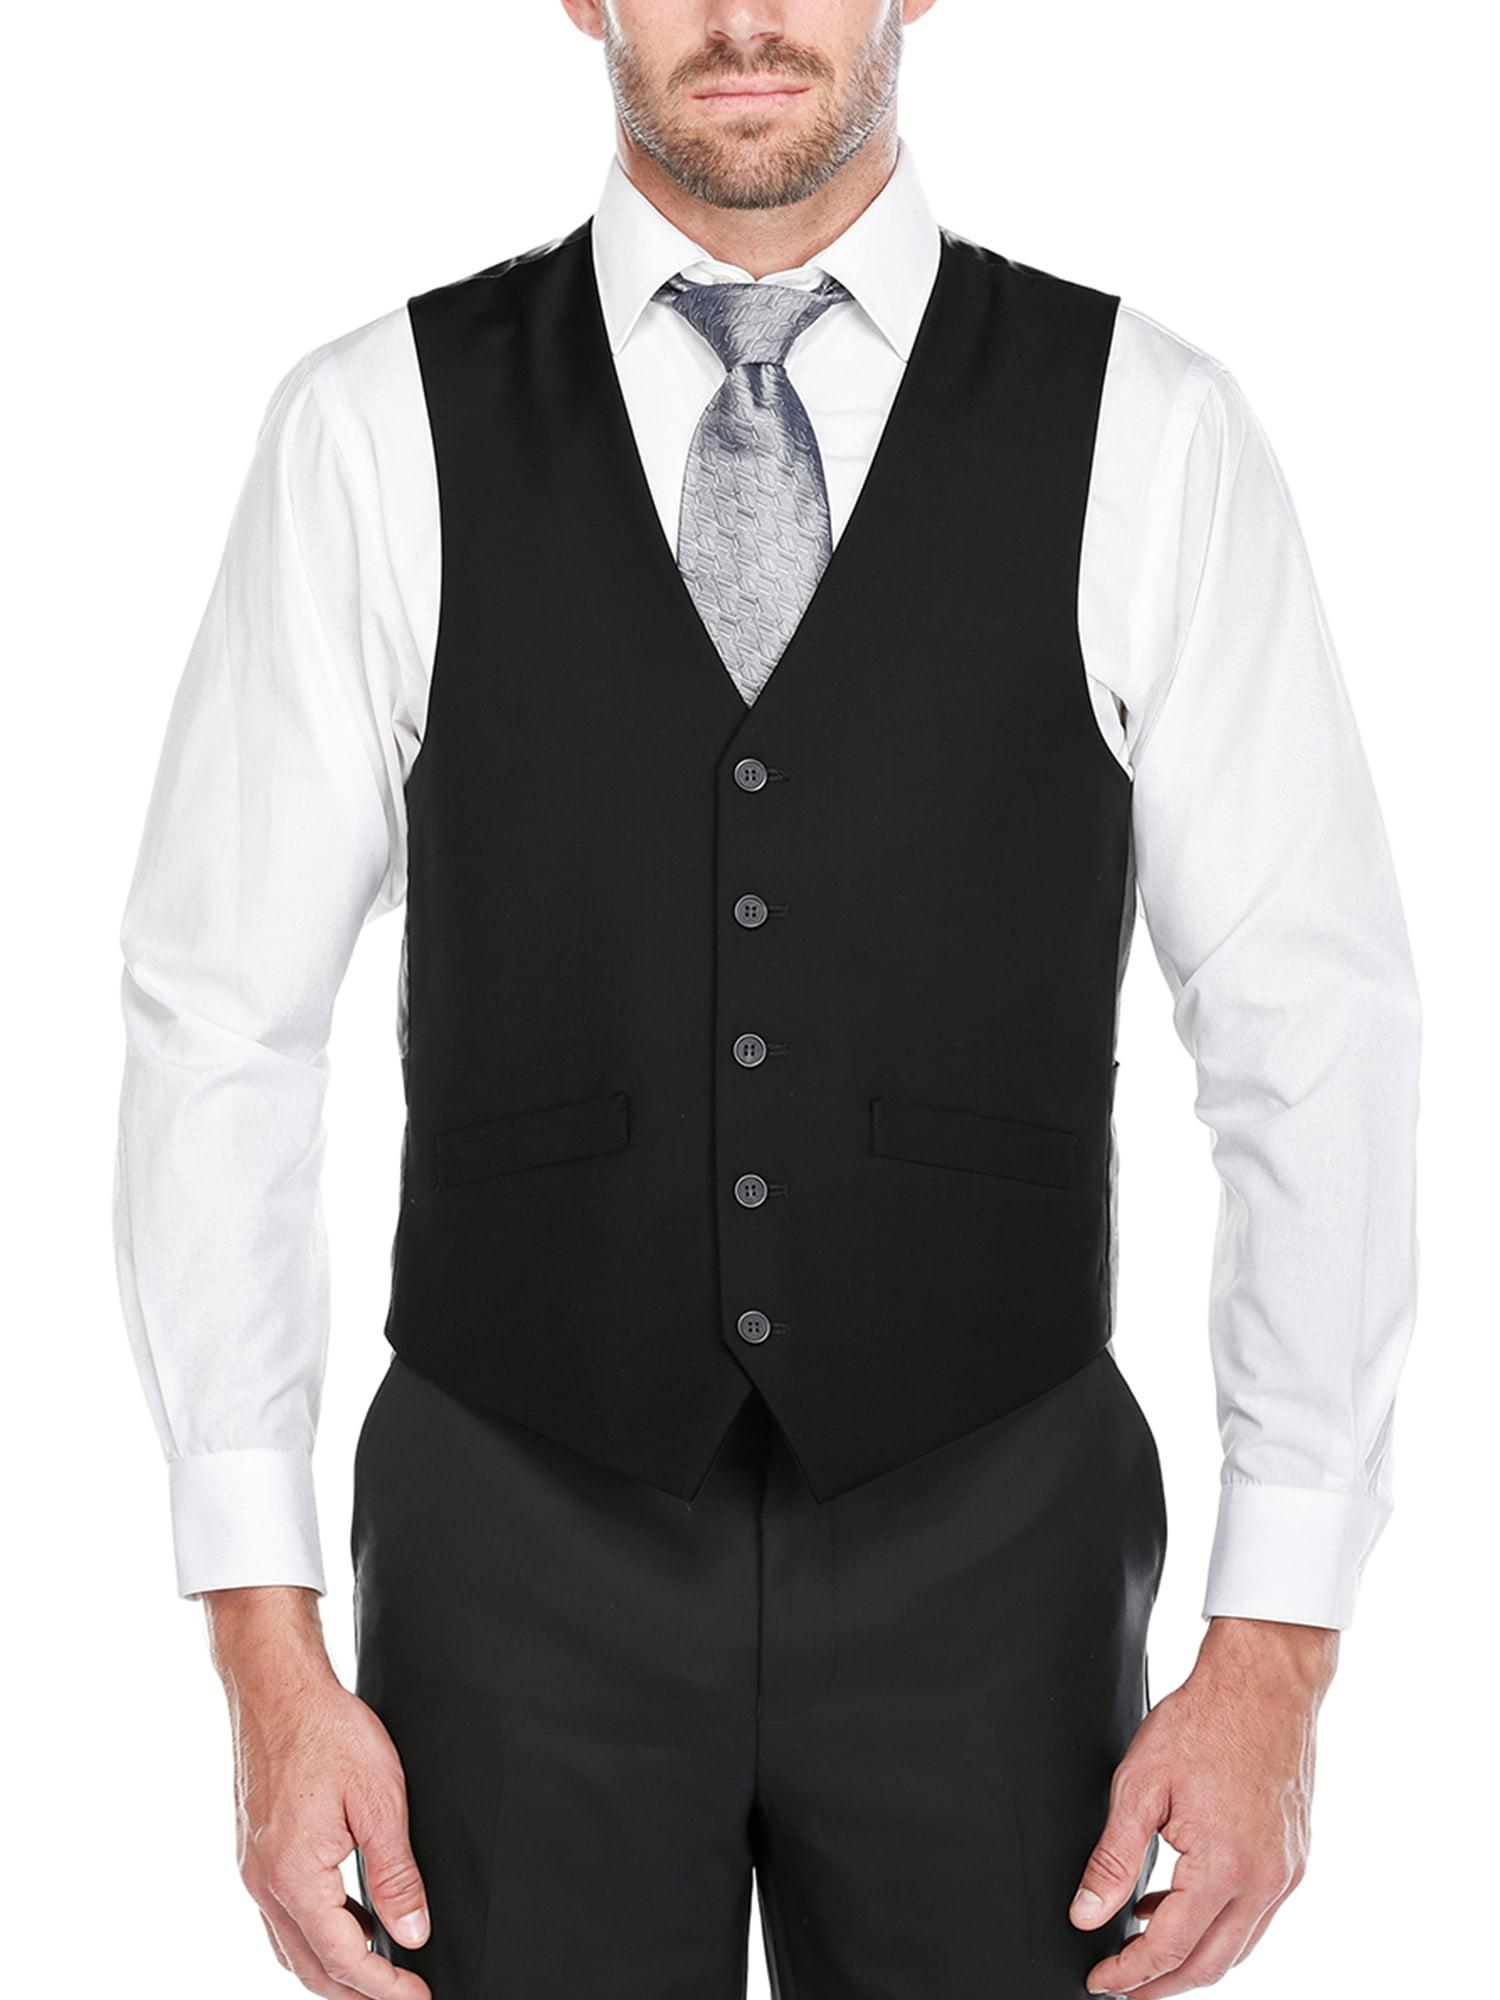 Big Men's Black Five Button Classic Fit Vest